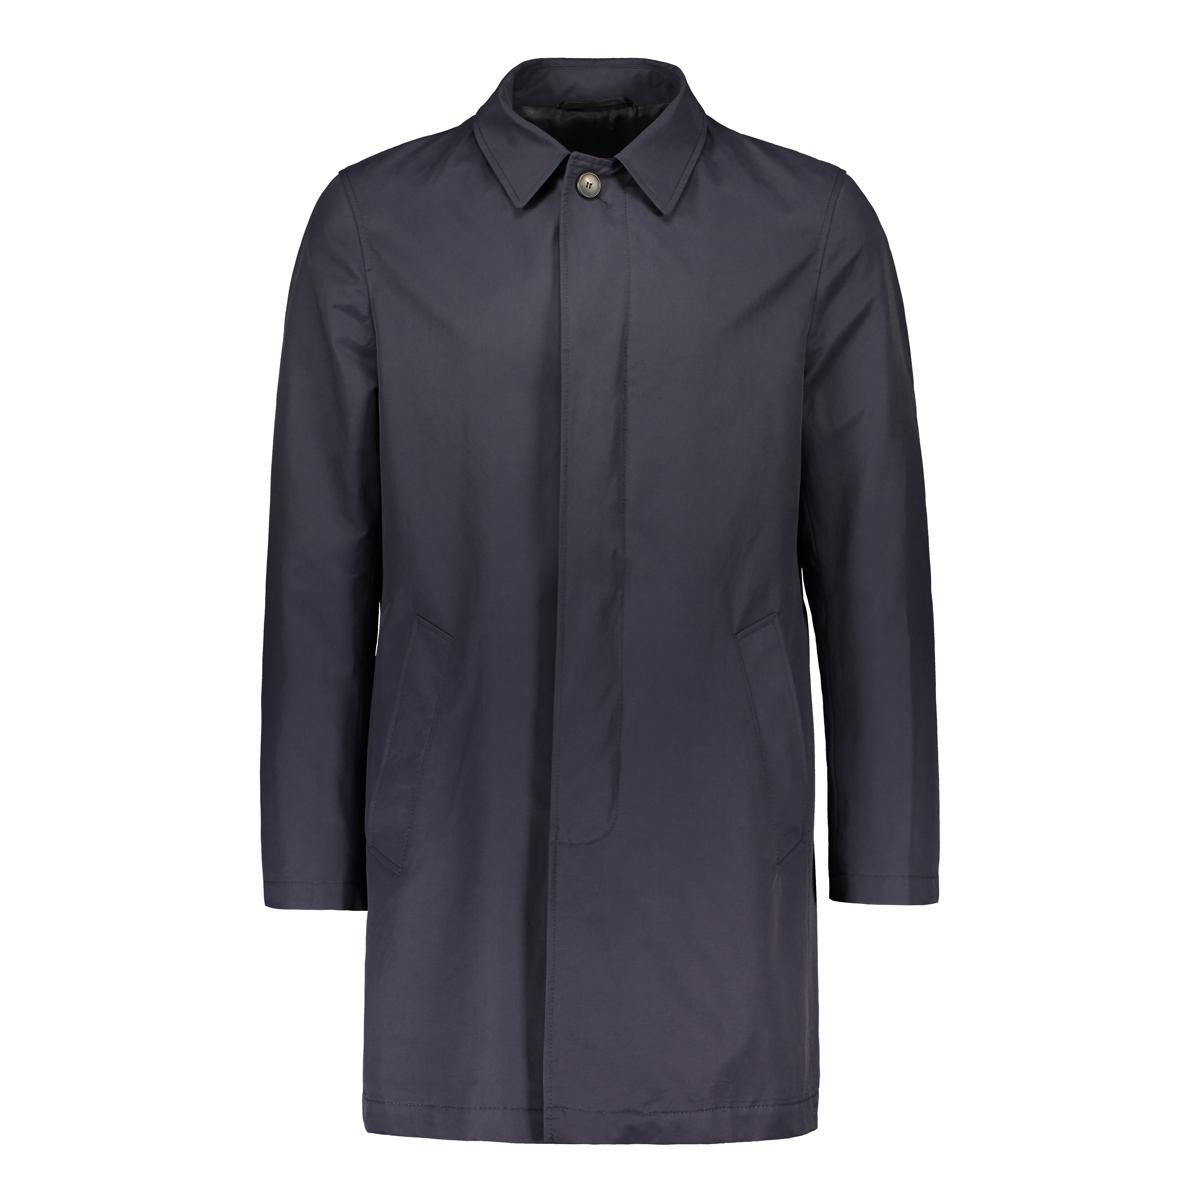 Turo Tailor Miesten Välikausitakki, Cotton Spring Coat Tummansininen